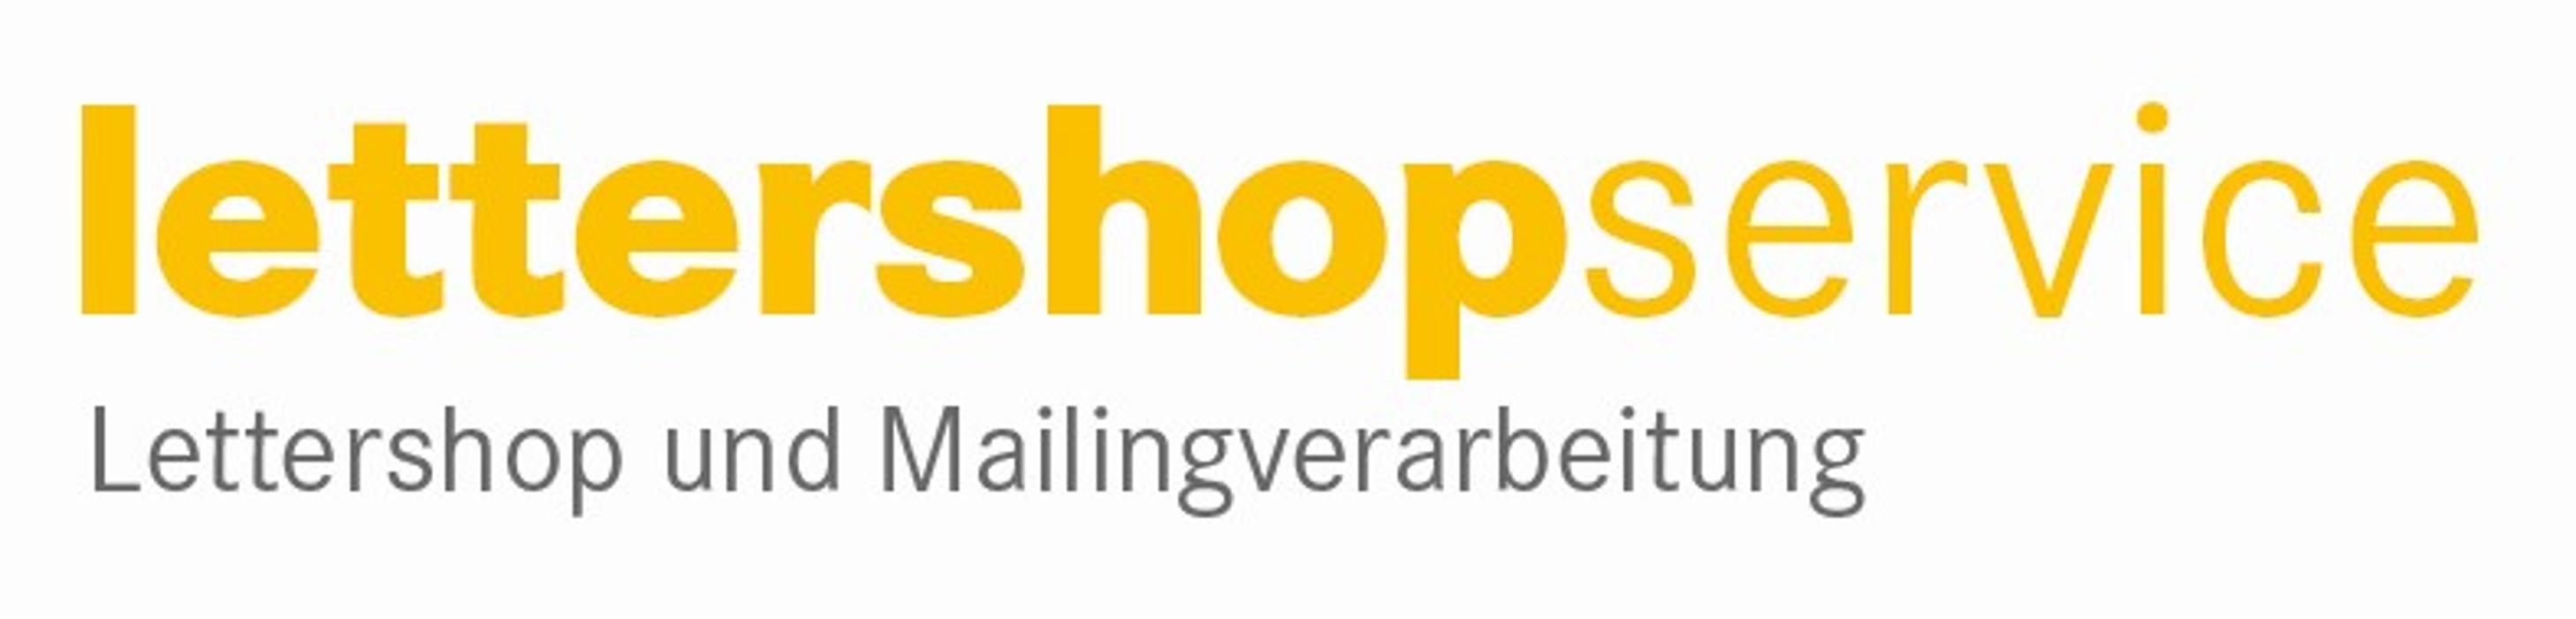 Bild zu Lettershopservice in Weinstadt